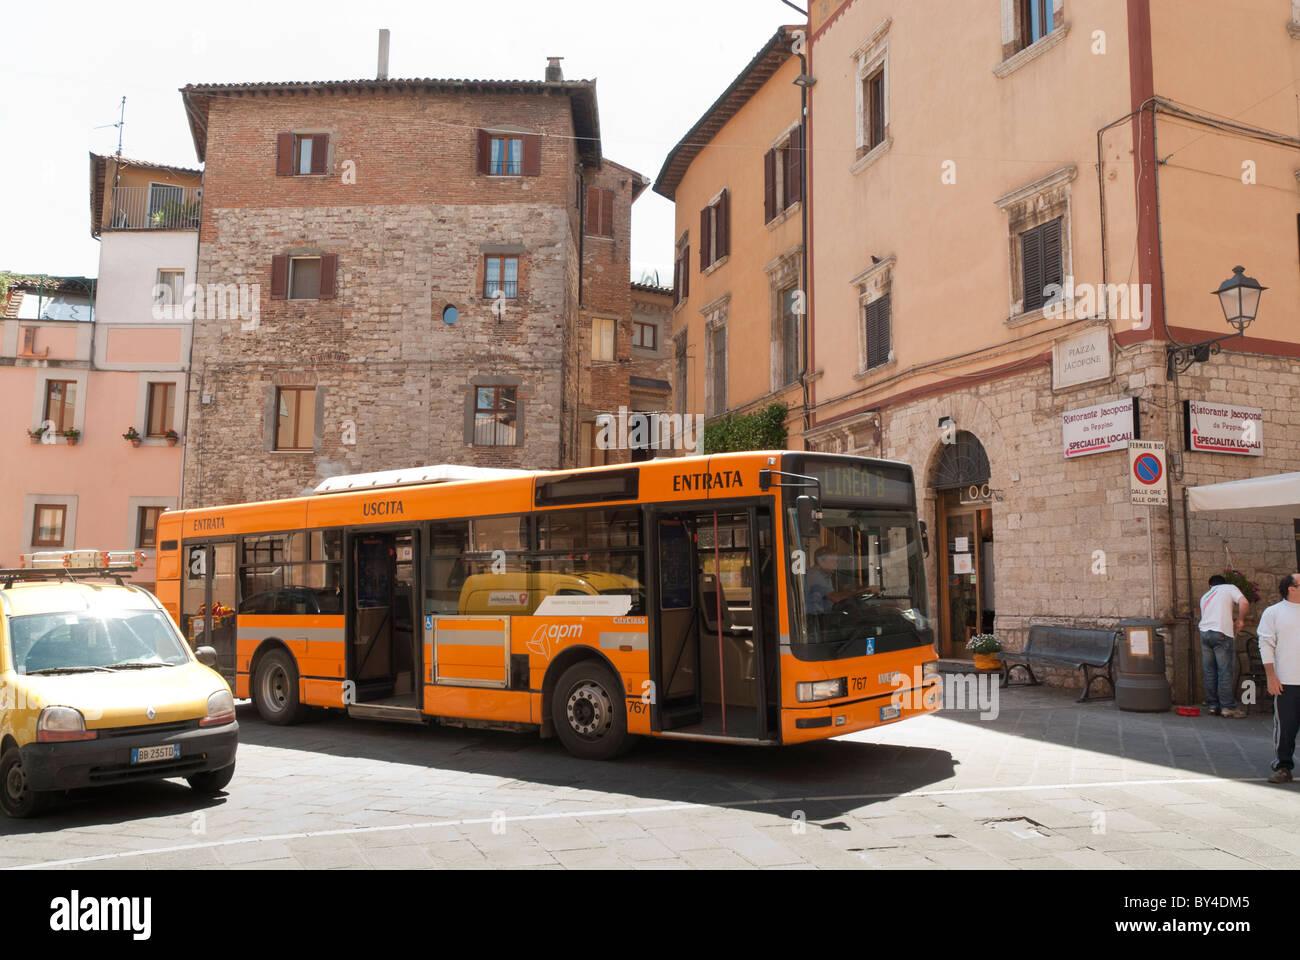 yellow single decker bus in Todi - Stock Image